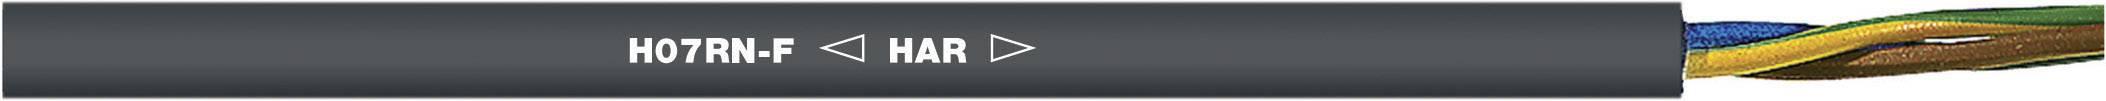 Gumový kabel LappKabel H07RN-F, 7x1.5 mm², černá